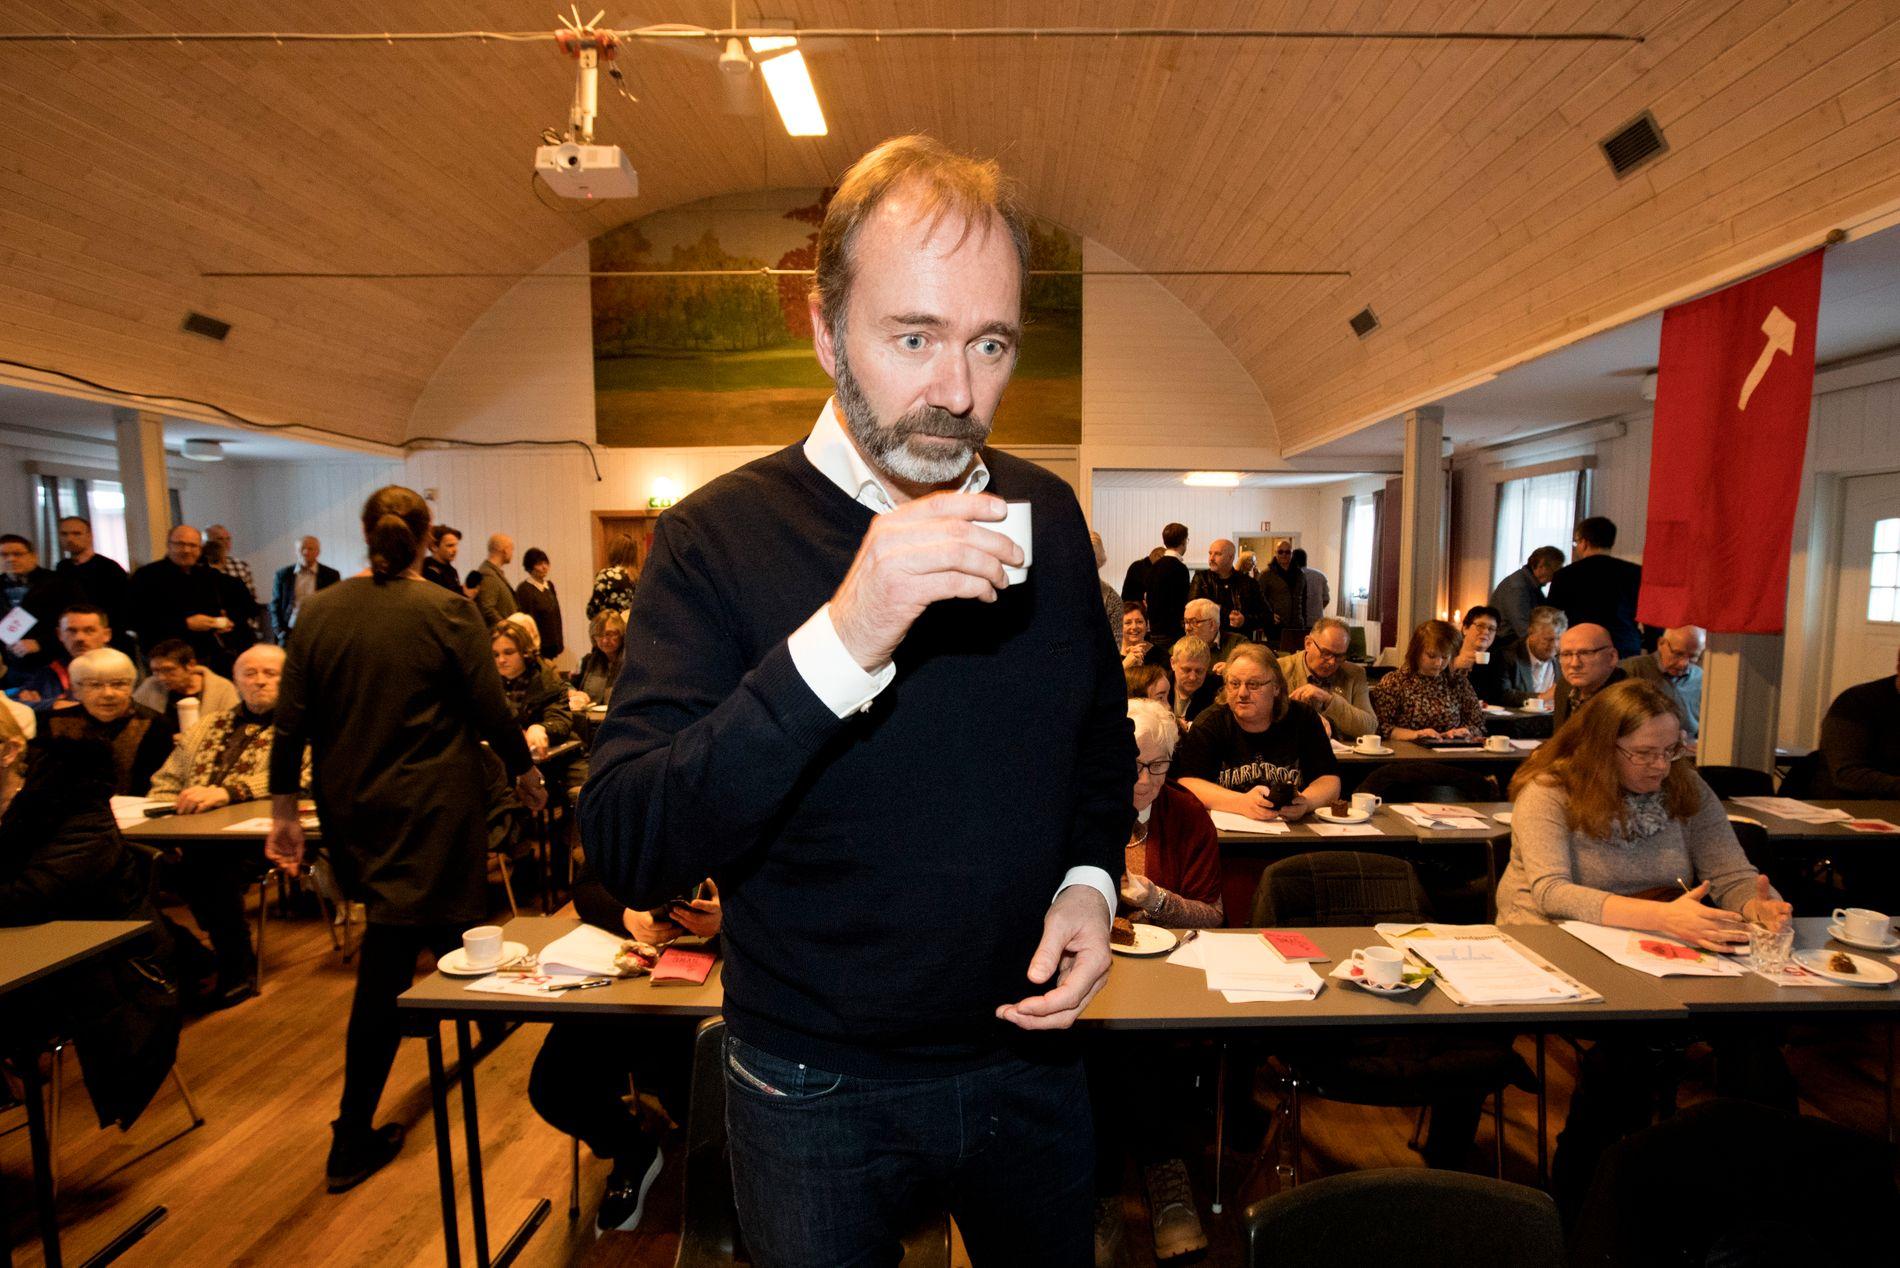 KRITISERT: Flere reagerer på at Trond Giske deltok på påskefesten til «Løvebakken AUF» tidligere i april.